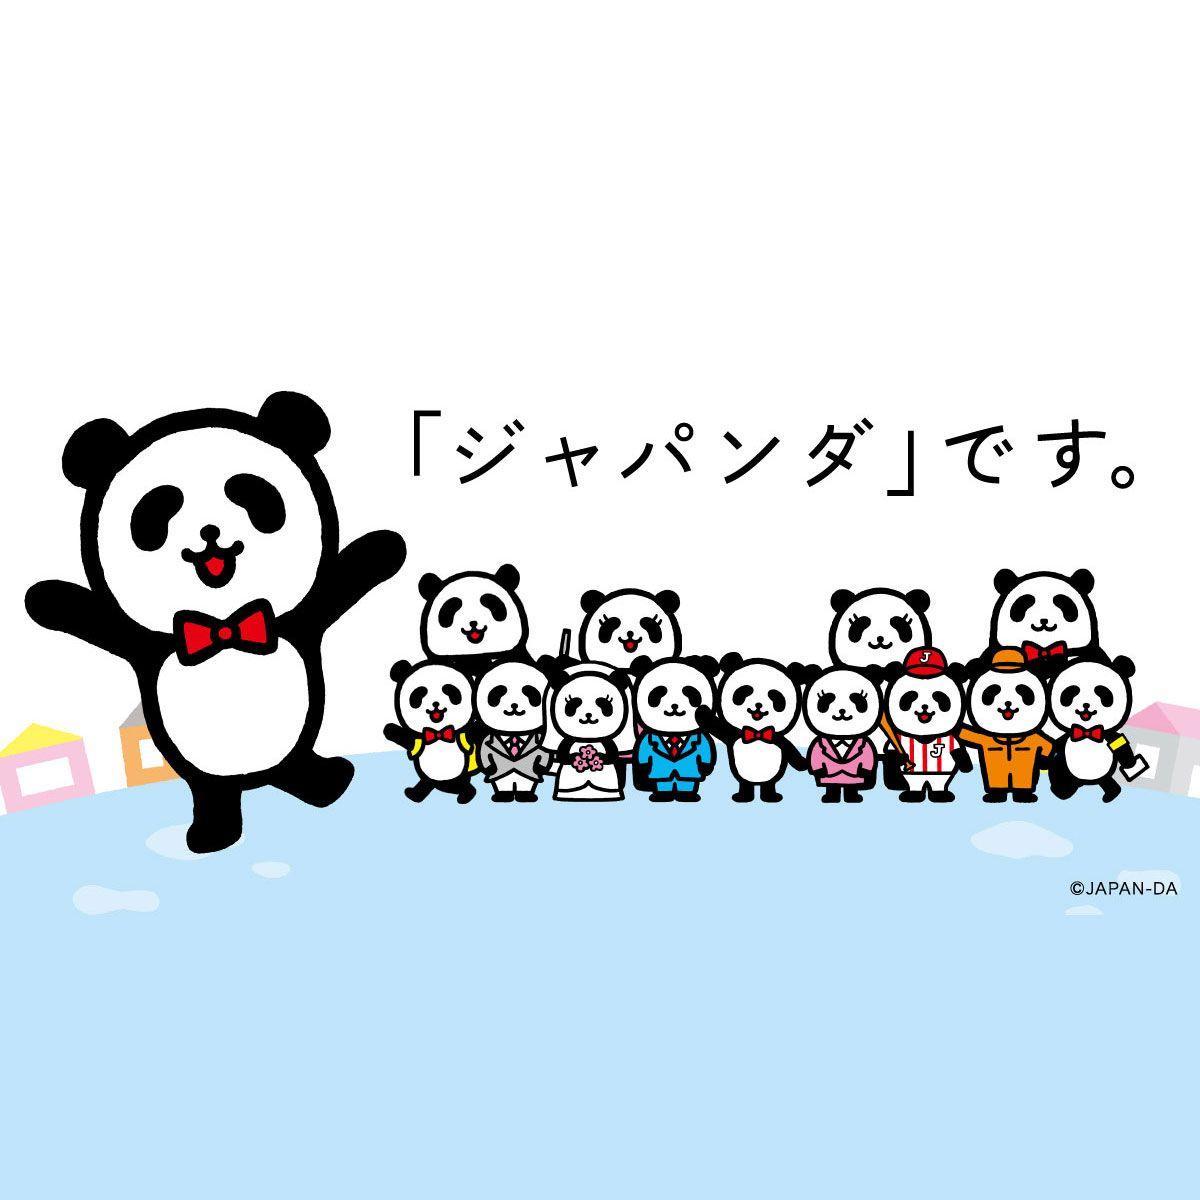 ジャパンダ 損保ジャパン日本興亜 パンダ キャラクターデザイン ジャパン